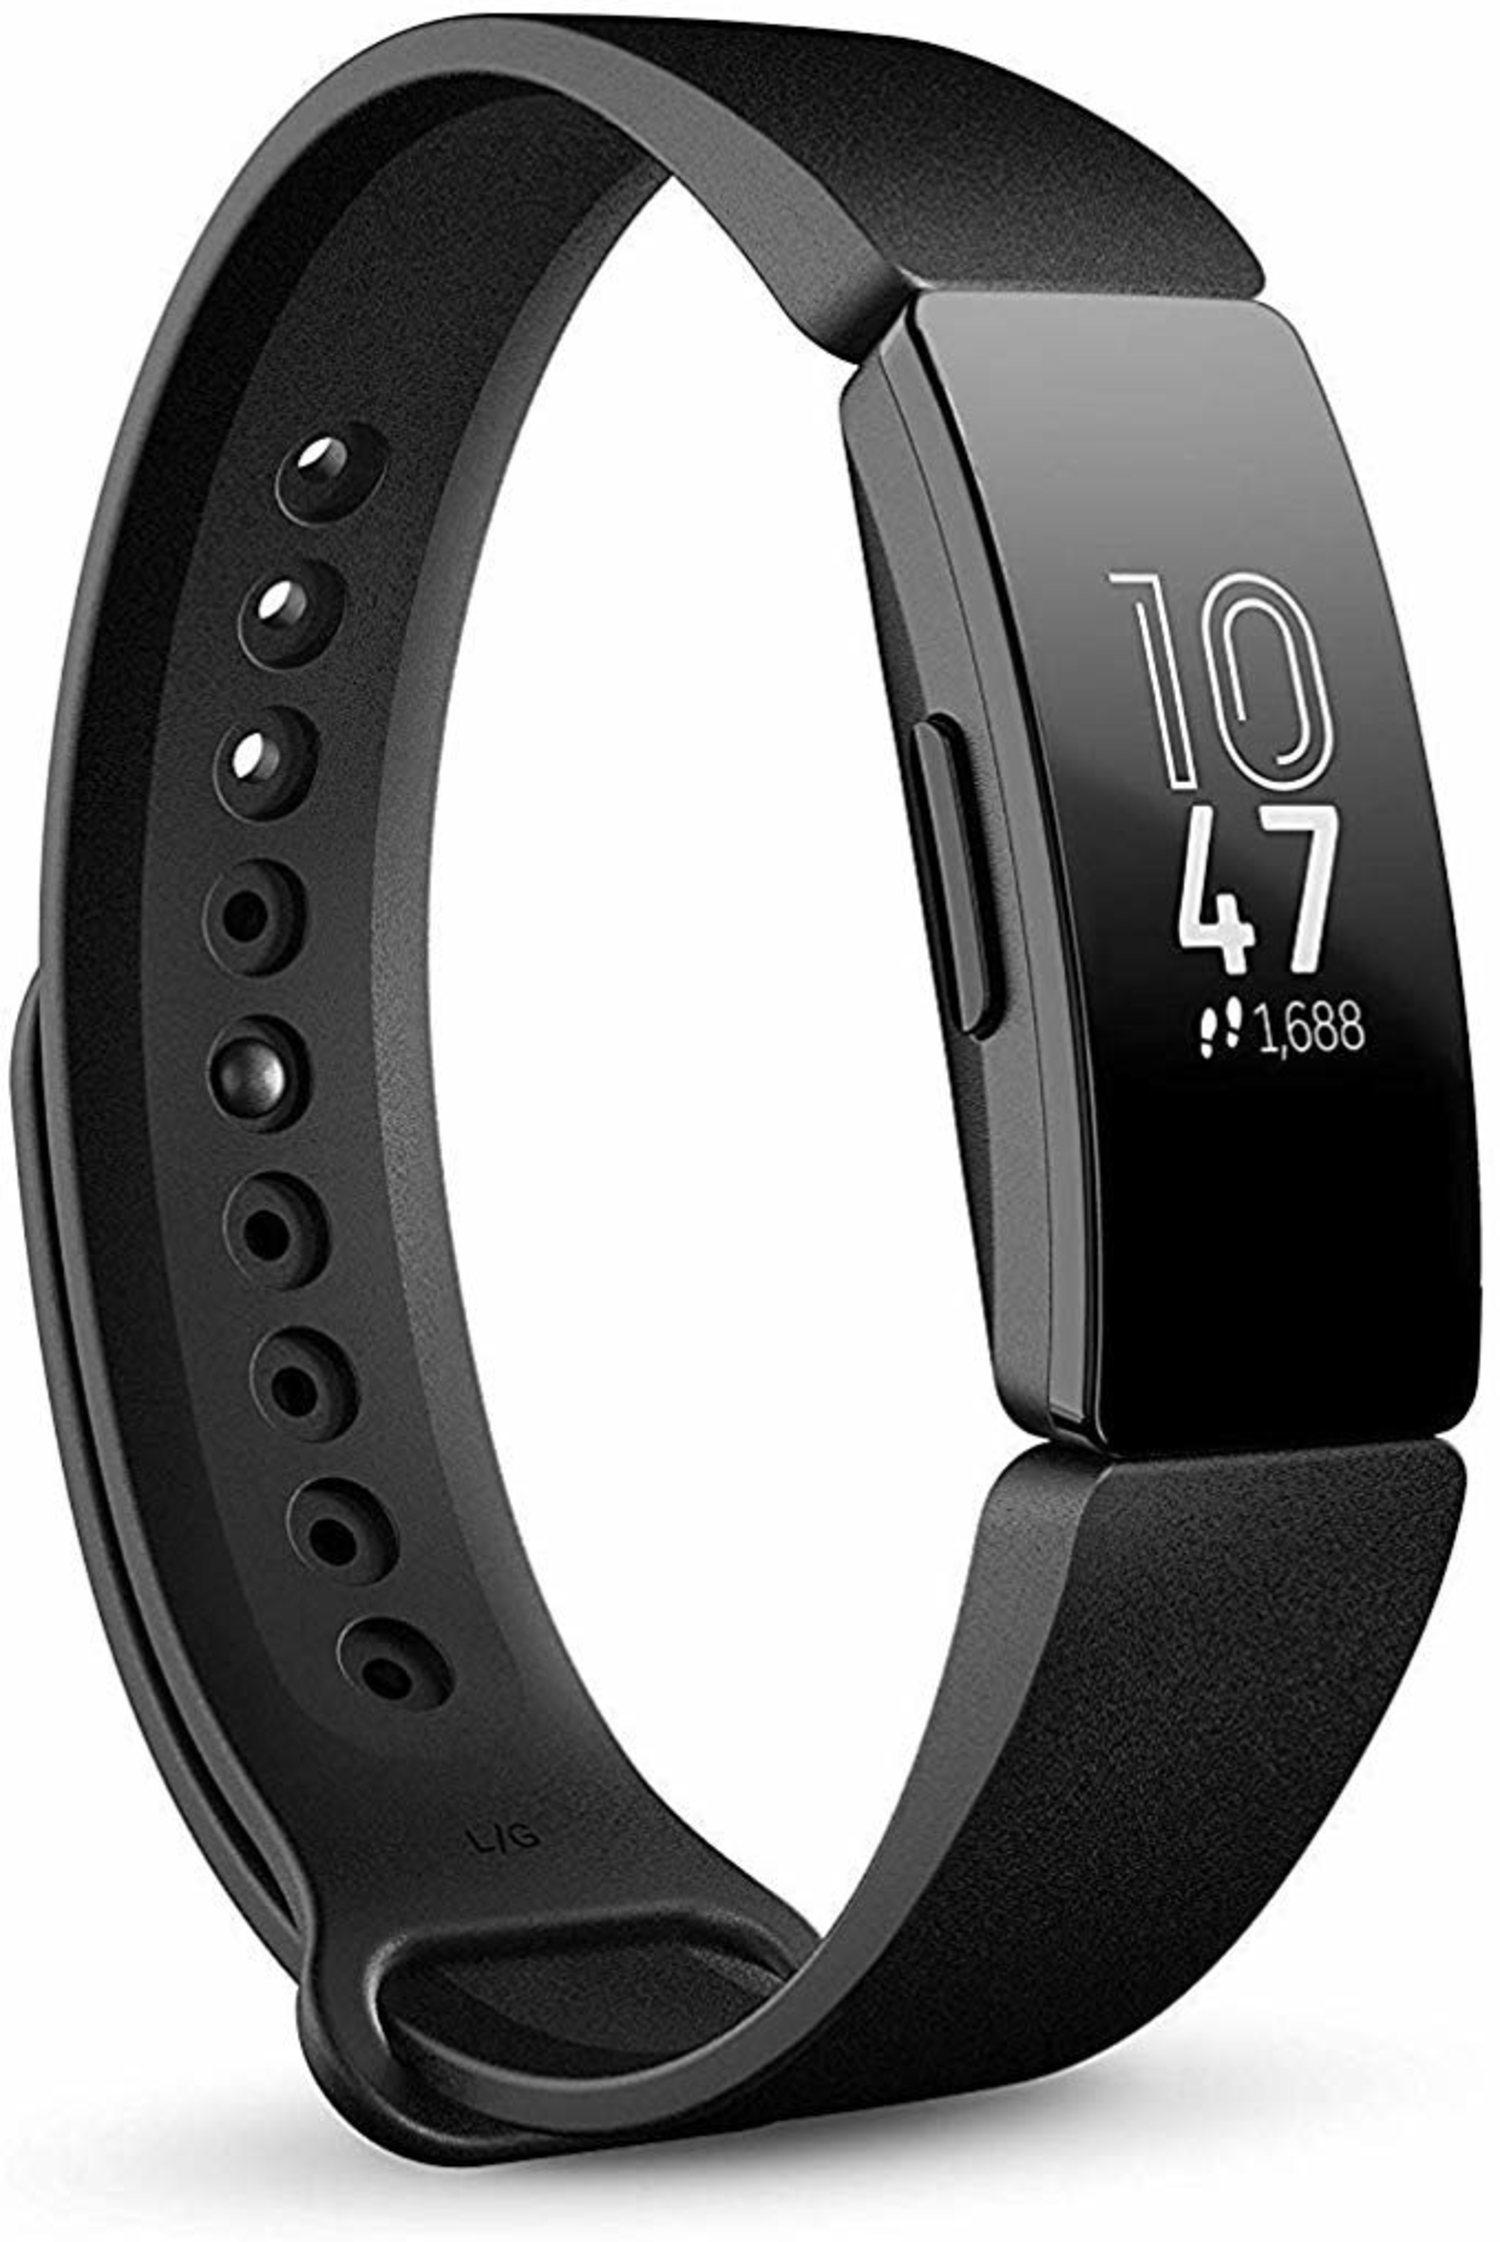 Fitbit Inspire, una pulsera de actividad completa con una autonomía de hasta 5 días.